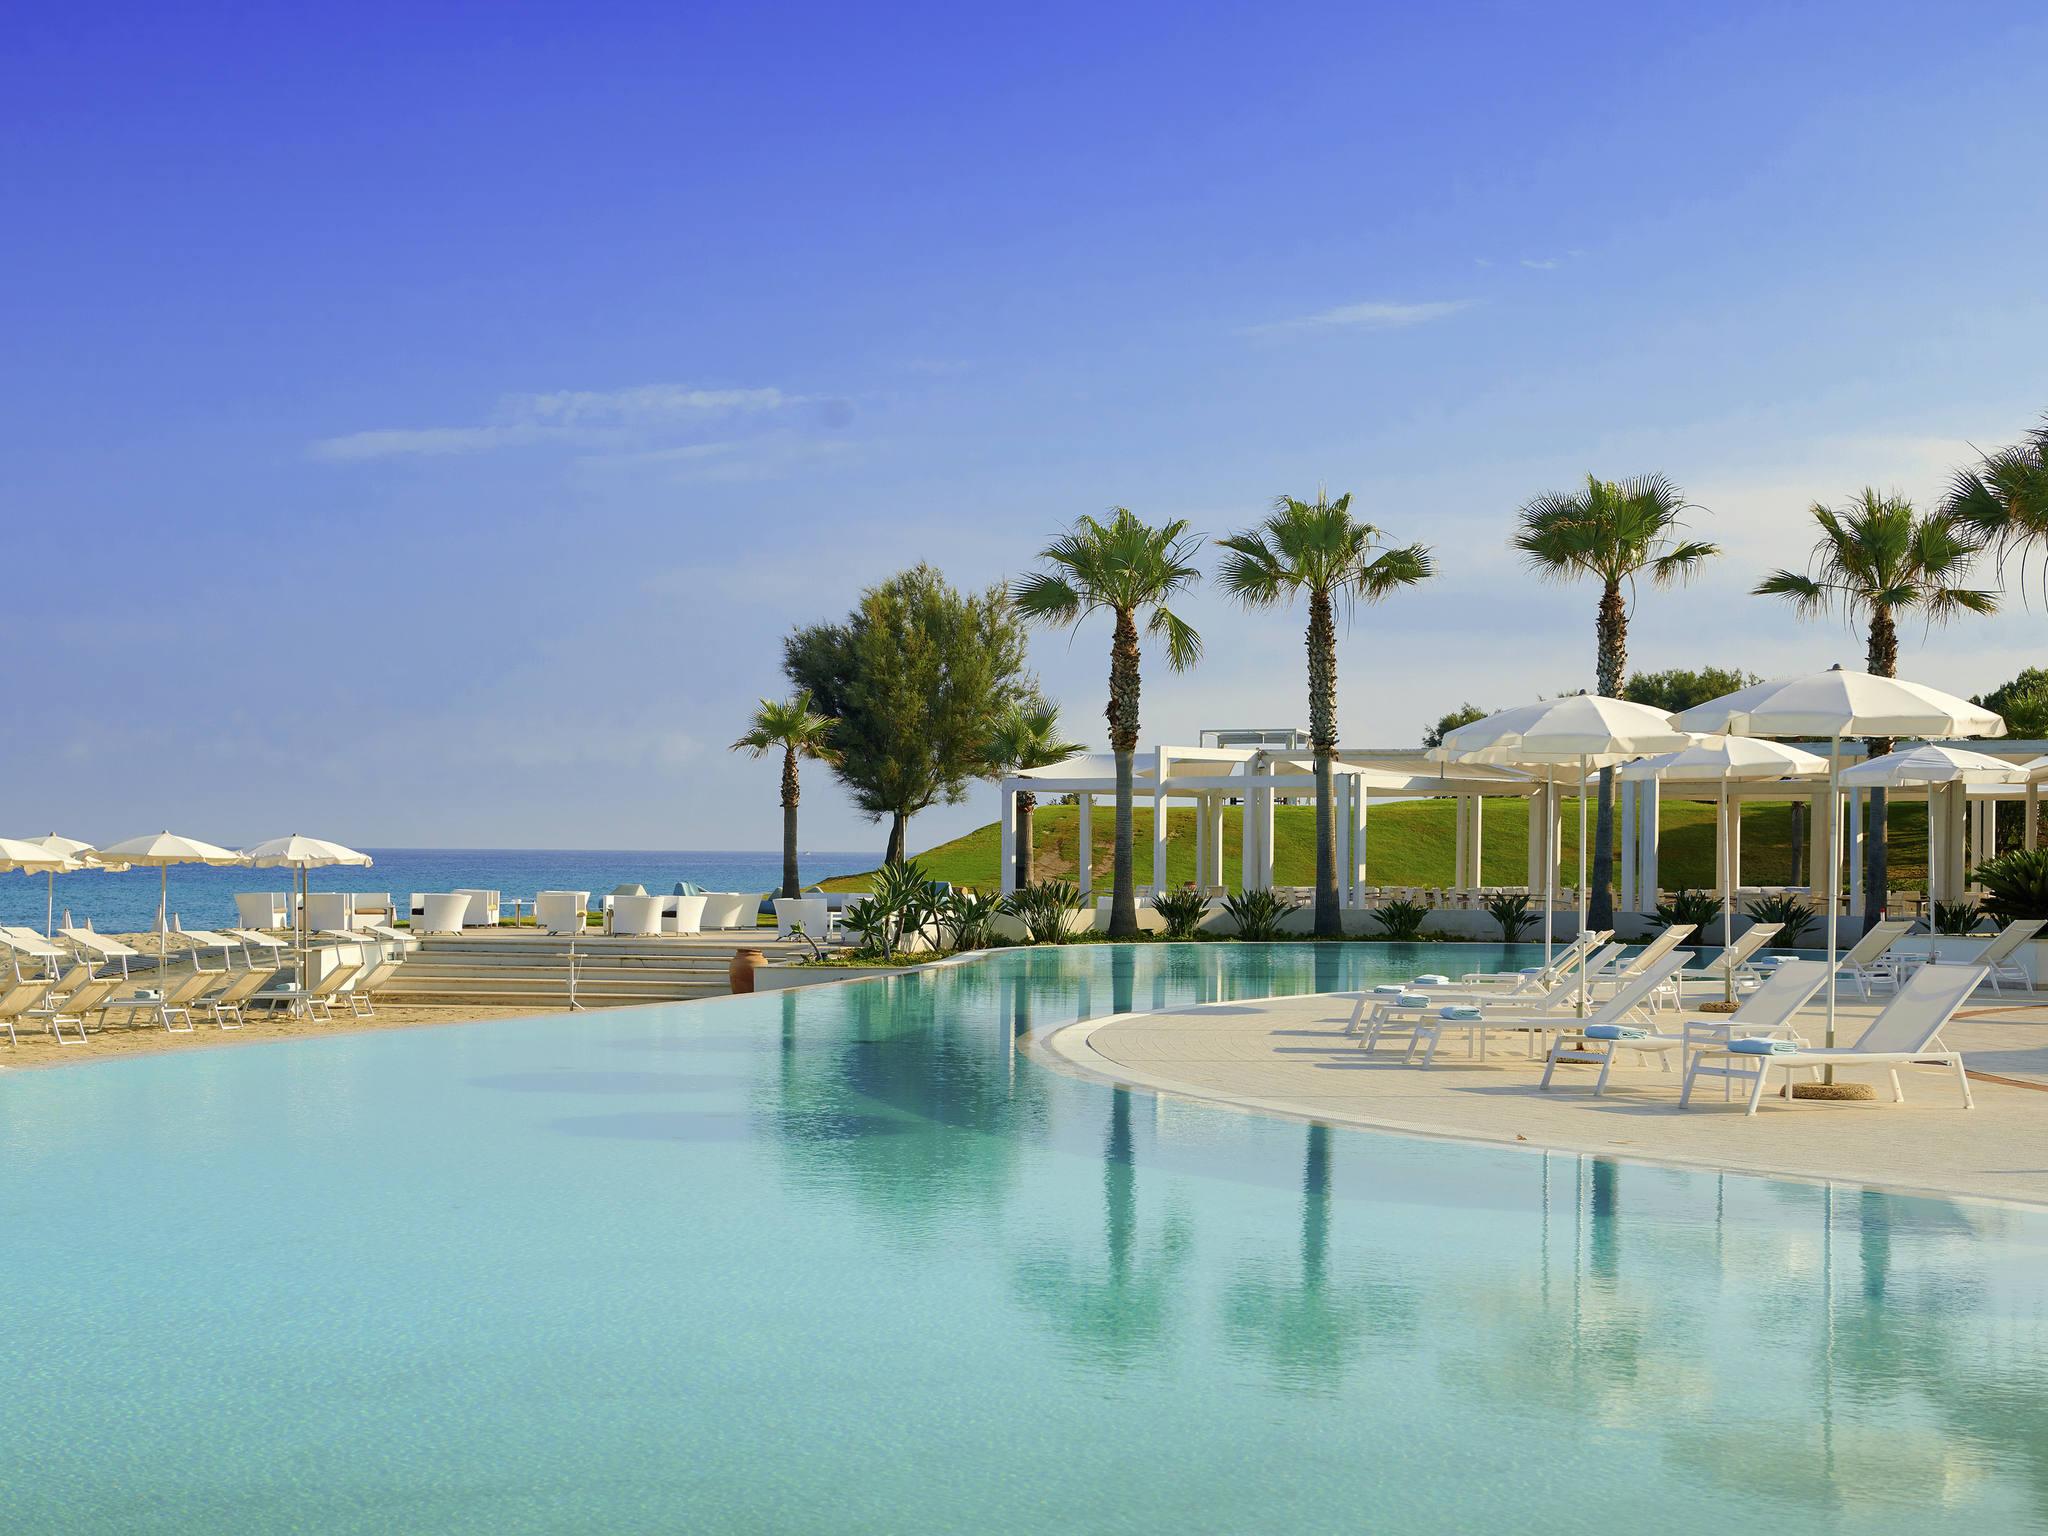 โรงแรม – Capovaticano Resort Thalasso & Spa - MGallery by Sofitel